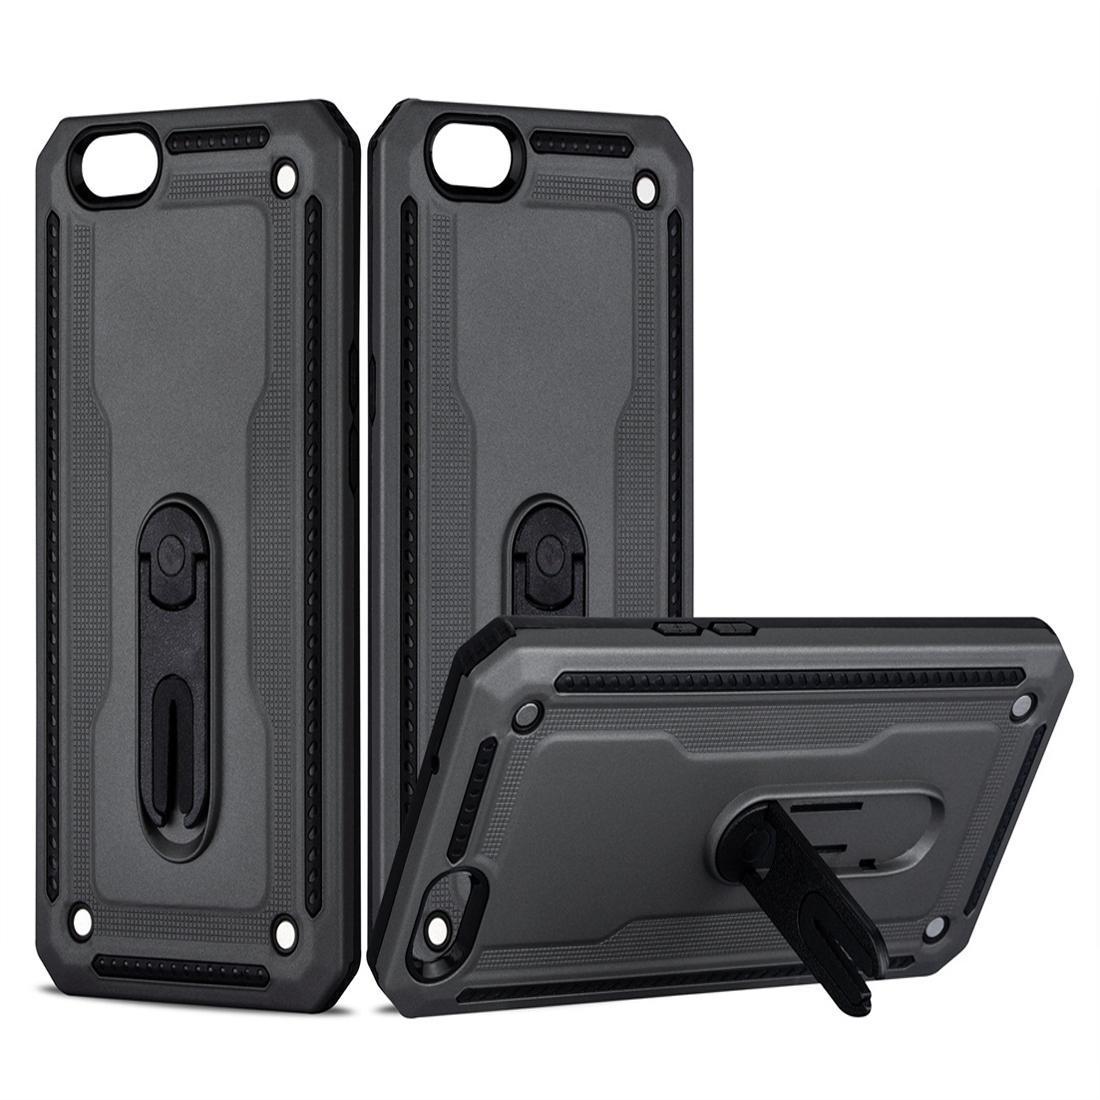 Für OPPO A59 / F1S Stoß- PC + TPU-Schutzhülle mit 360 Grad drehbaren Halter